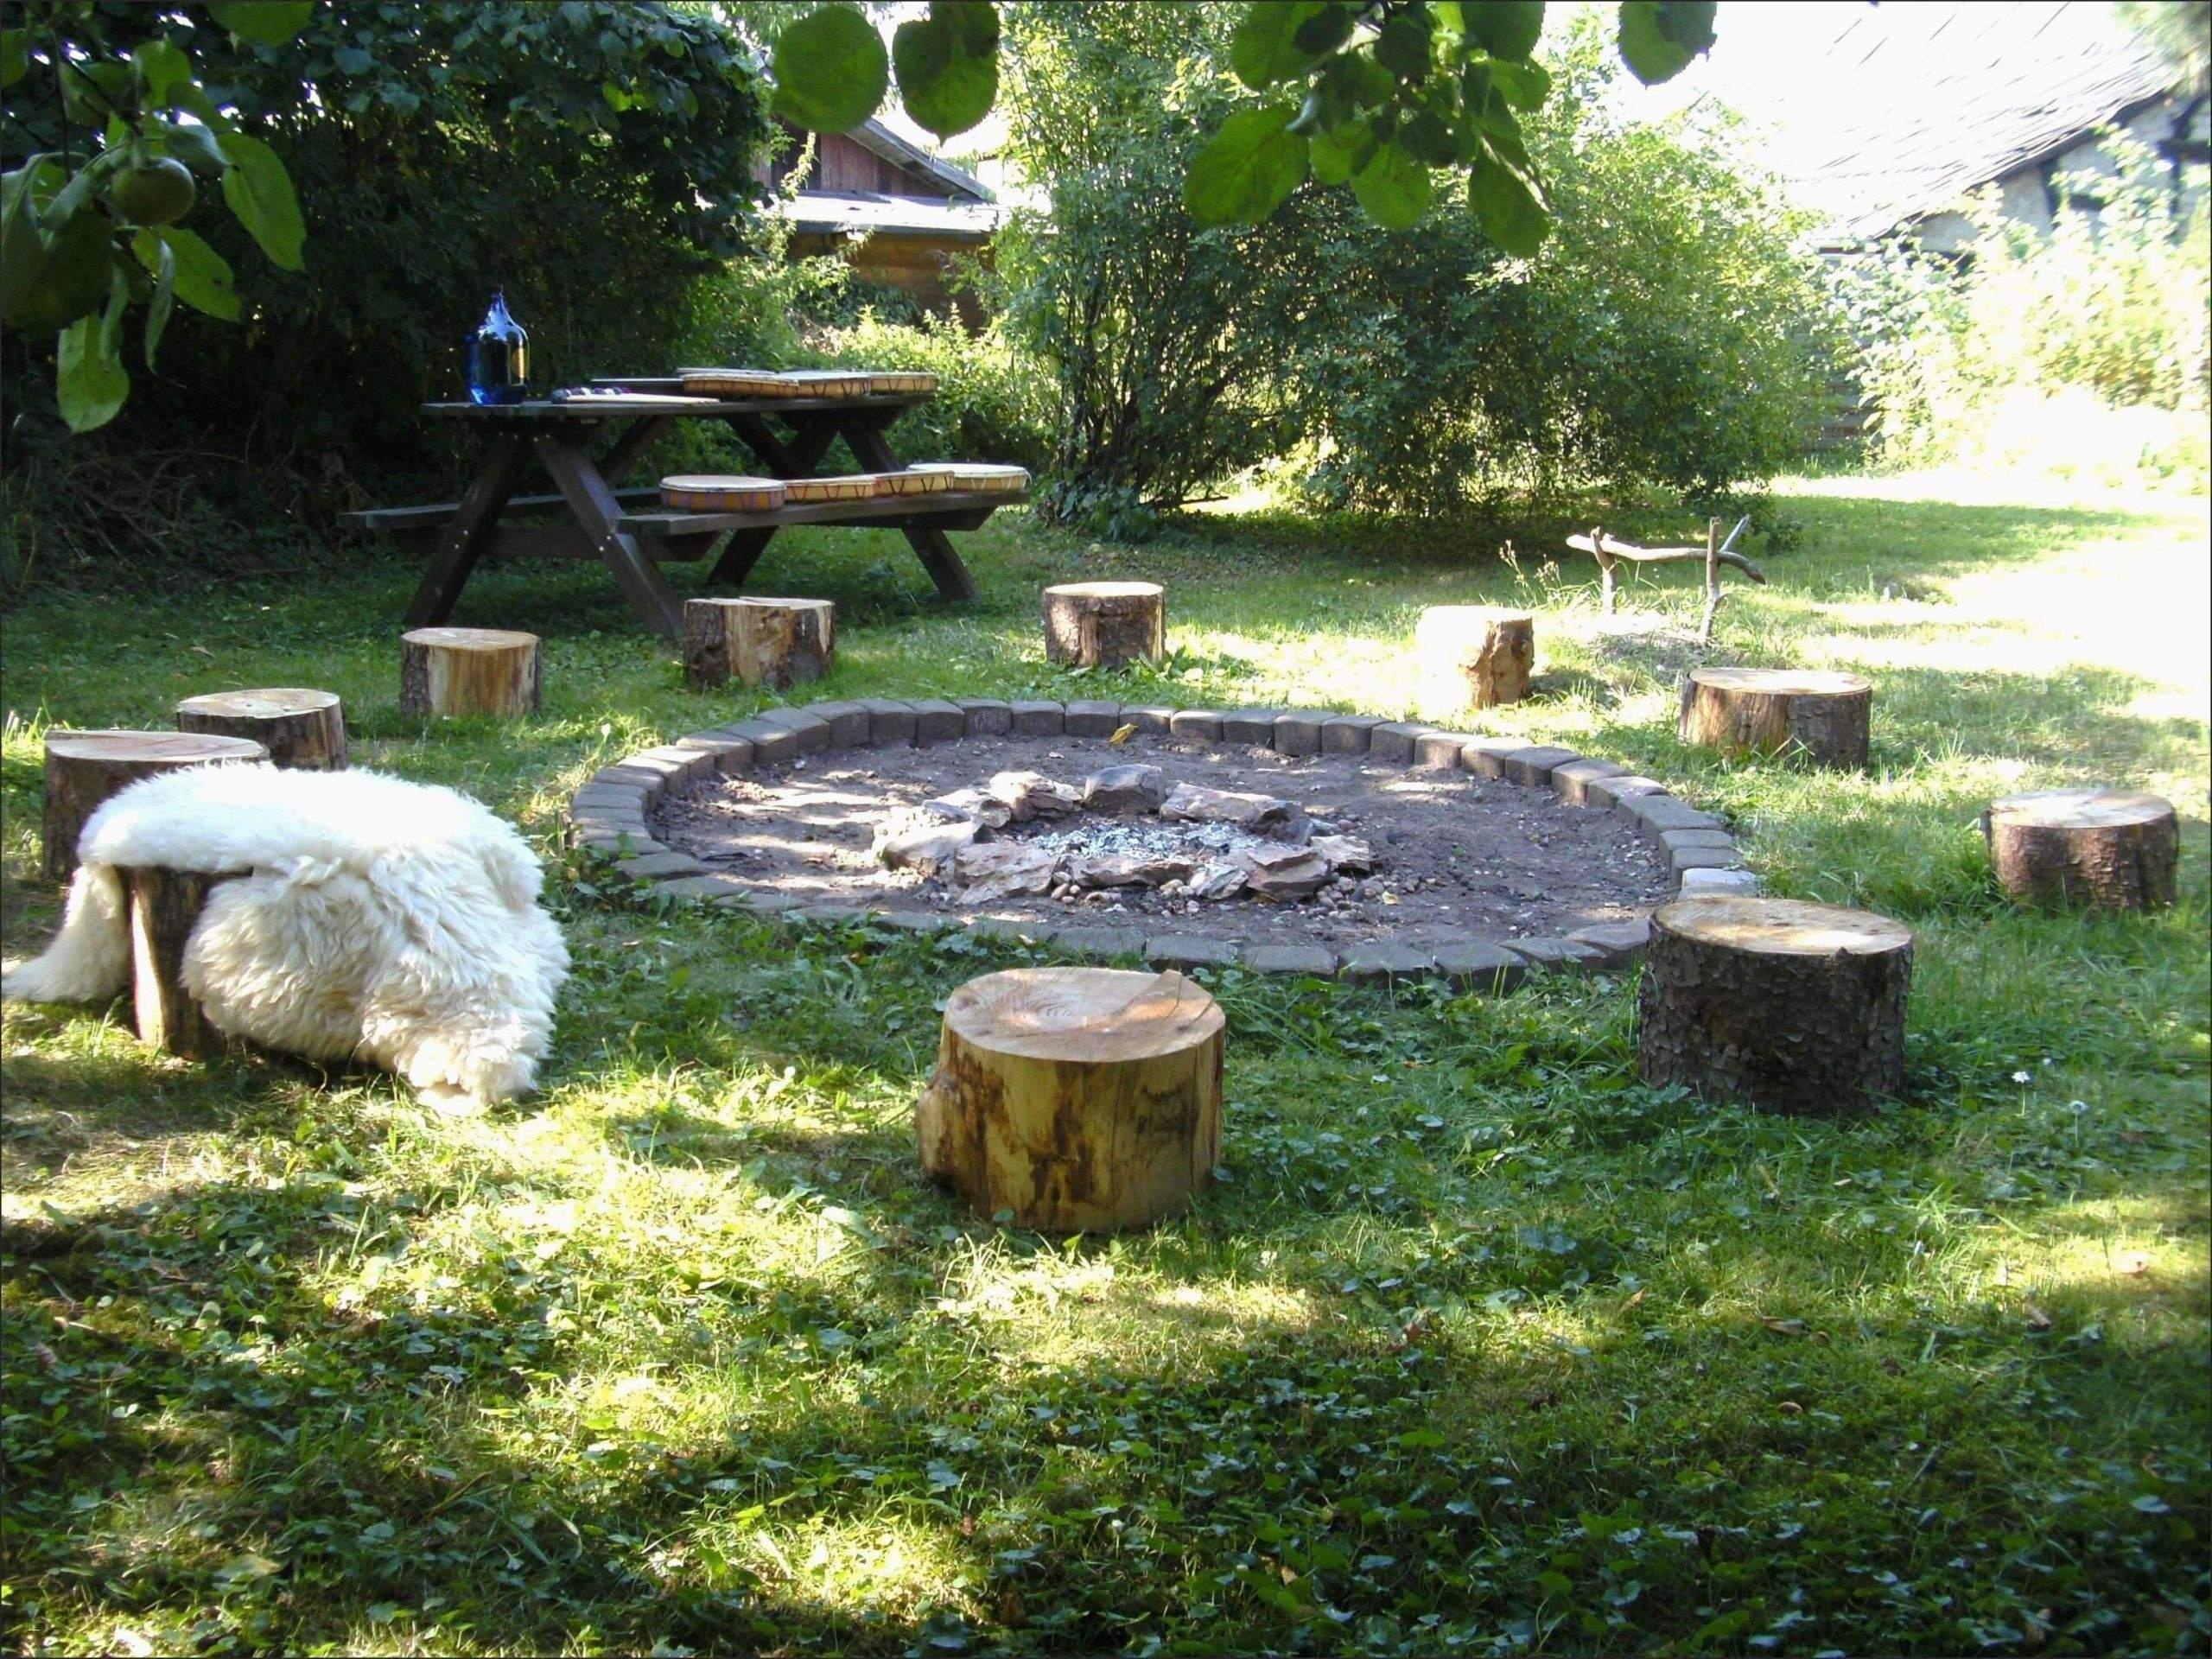 wasserbrunnen wohnzimmer inspirierend deko brunnen selber bauen design rb4o of wasserbrunnen wohnzimmer scaled